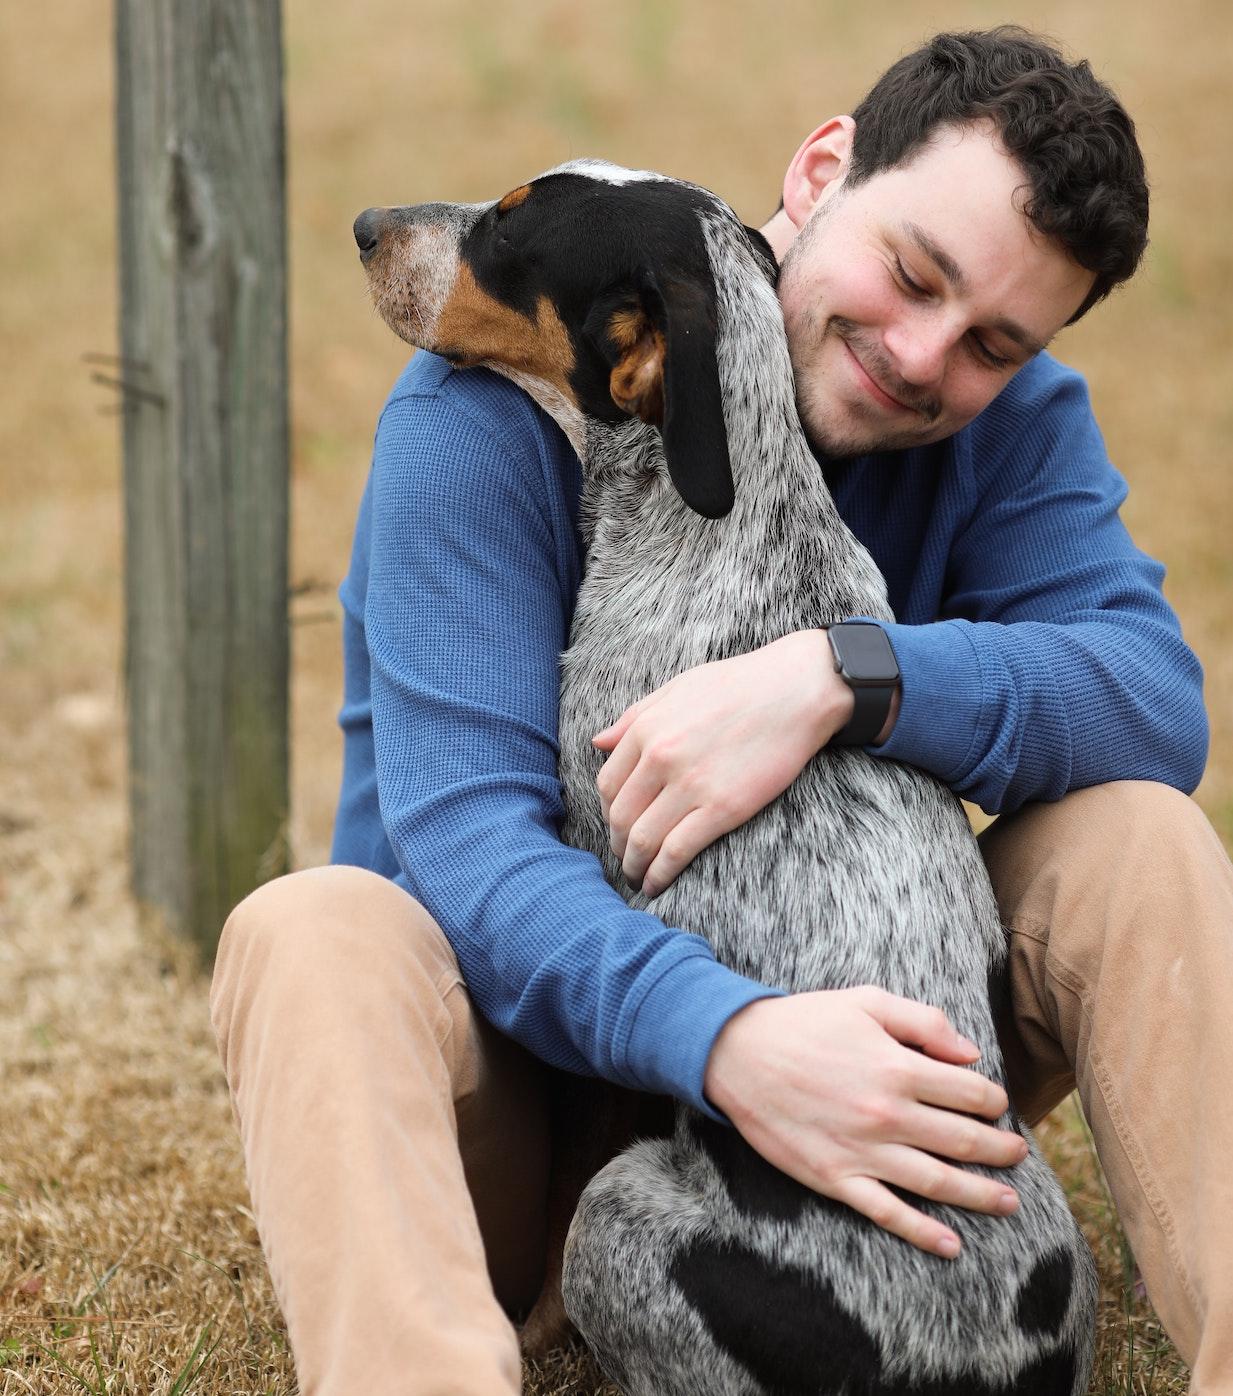 man with pet